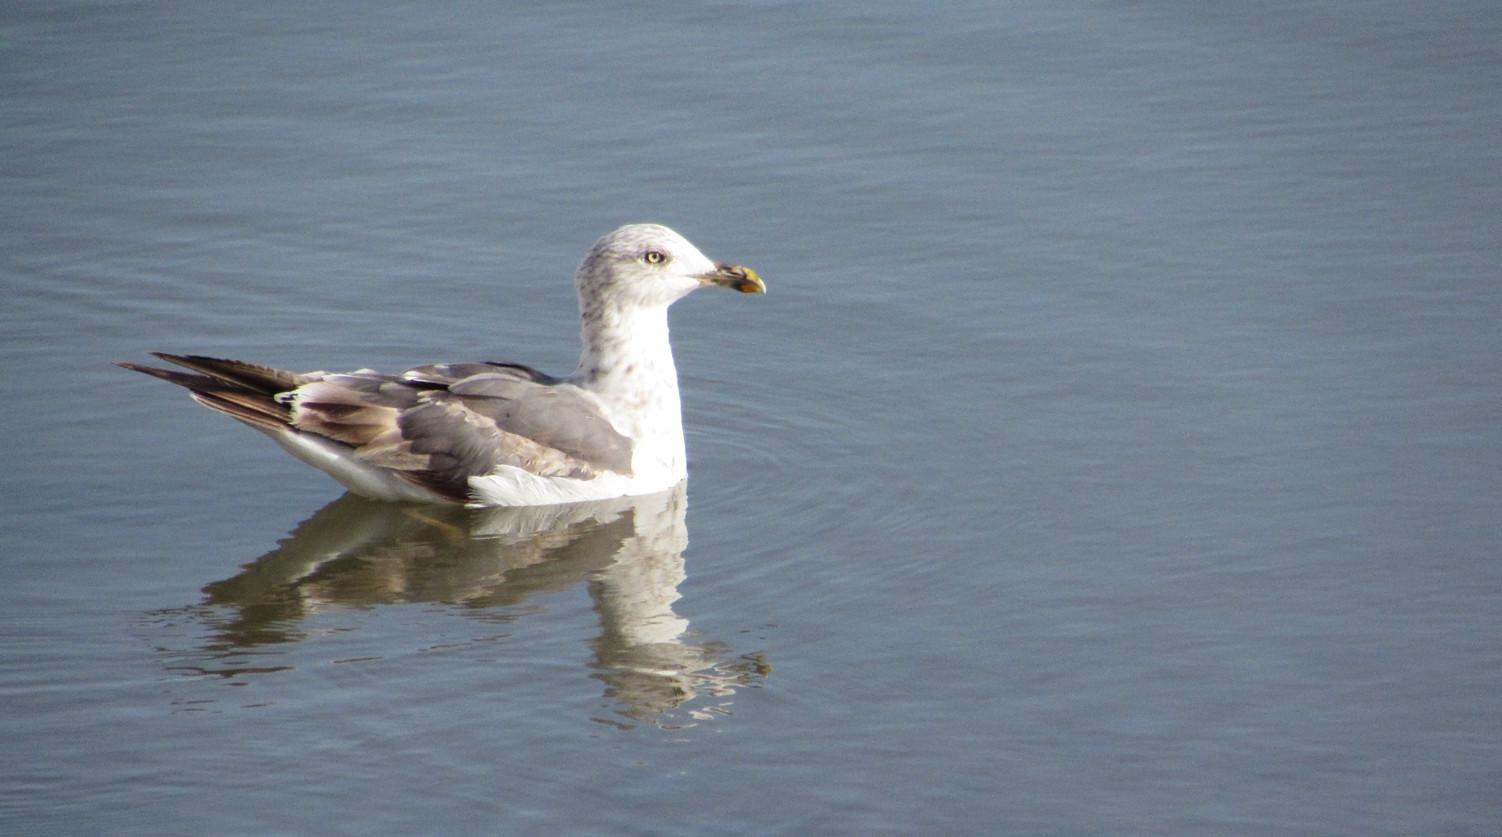 Aves, Salinas do Grelha, Algarve - Olhão, Ria Formosa